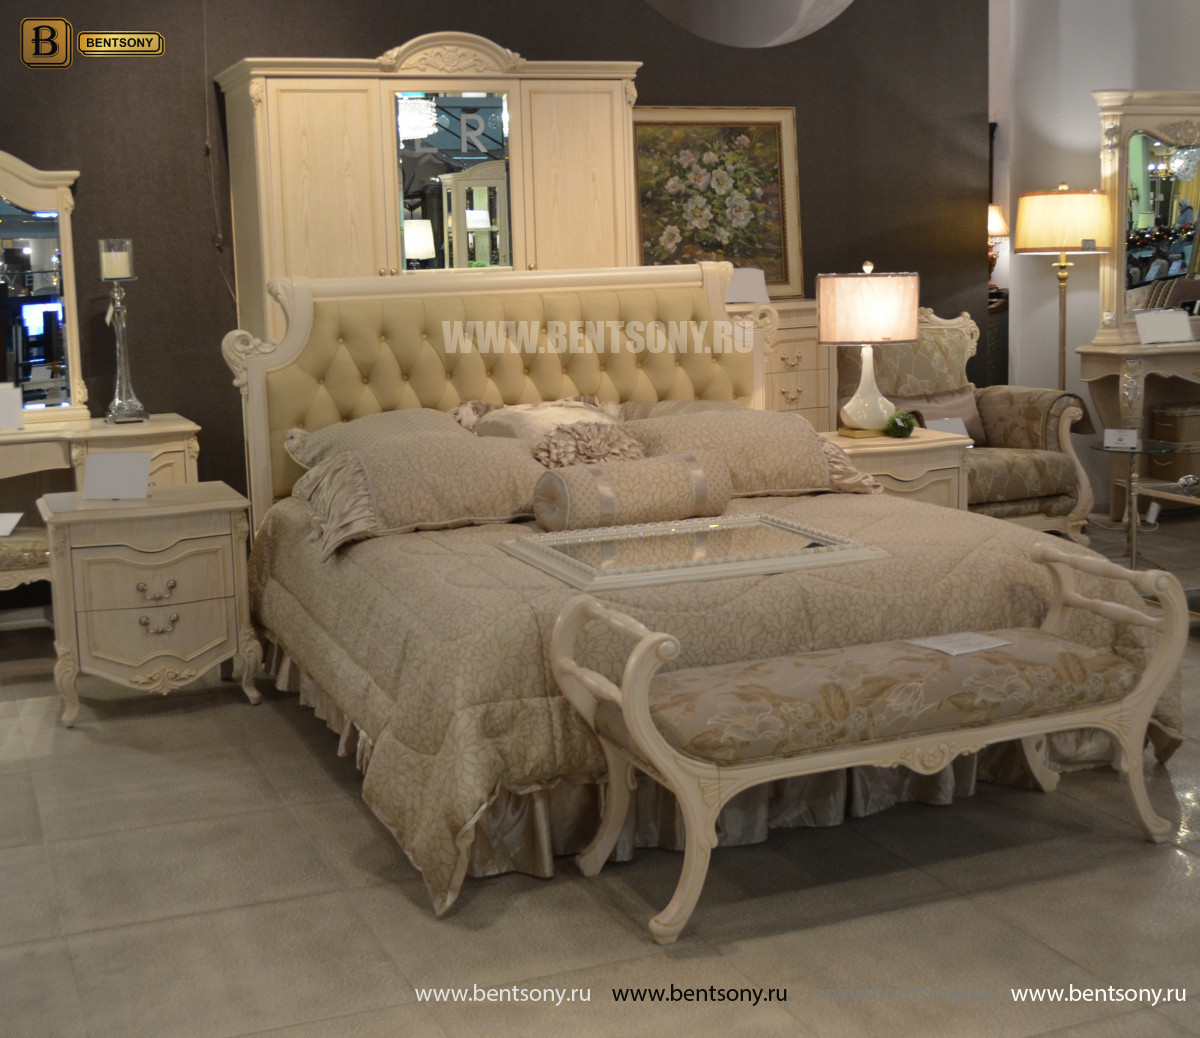 Кровать Флетчер-W D (Классика, Ткань) фото